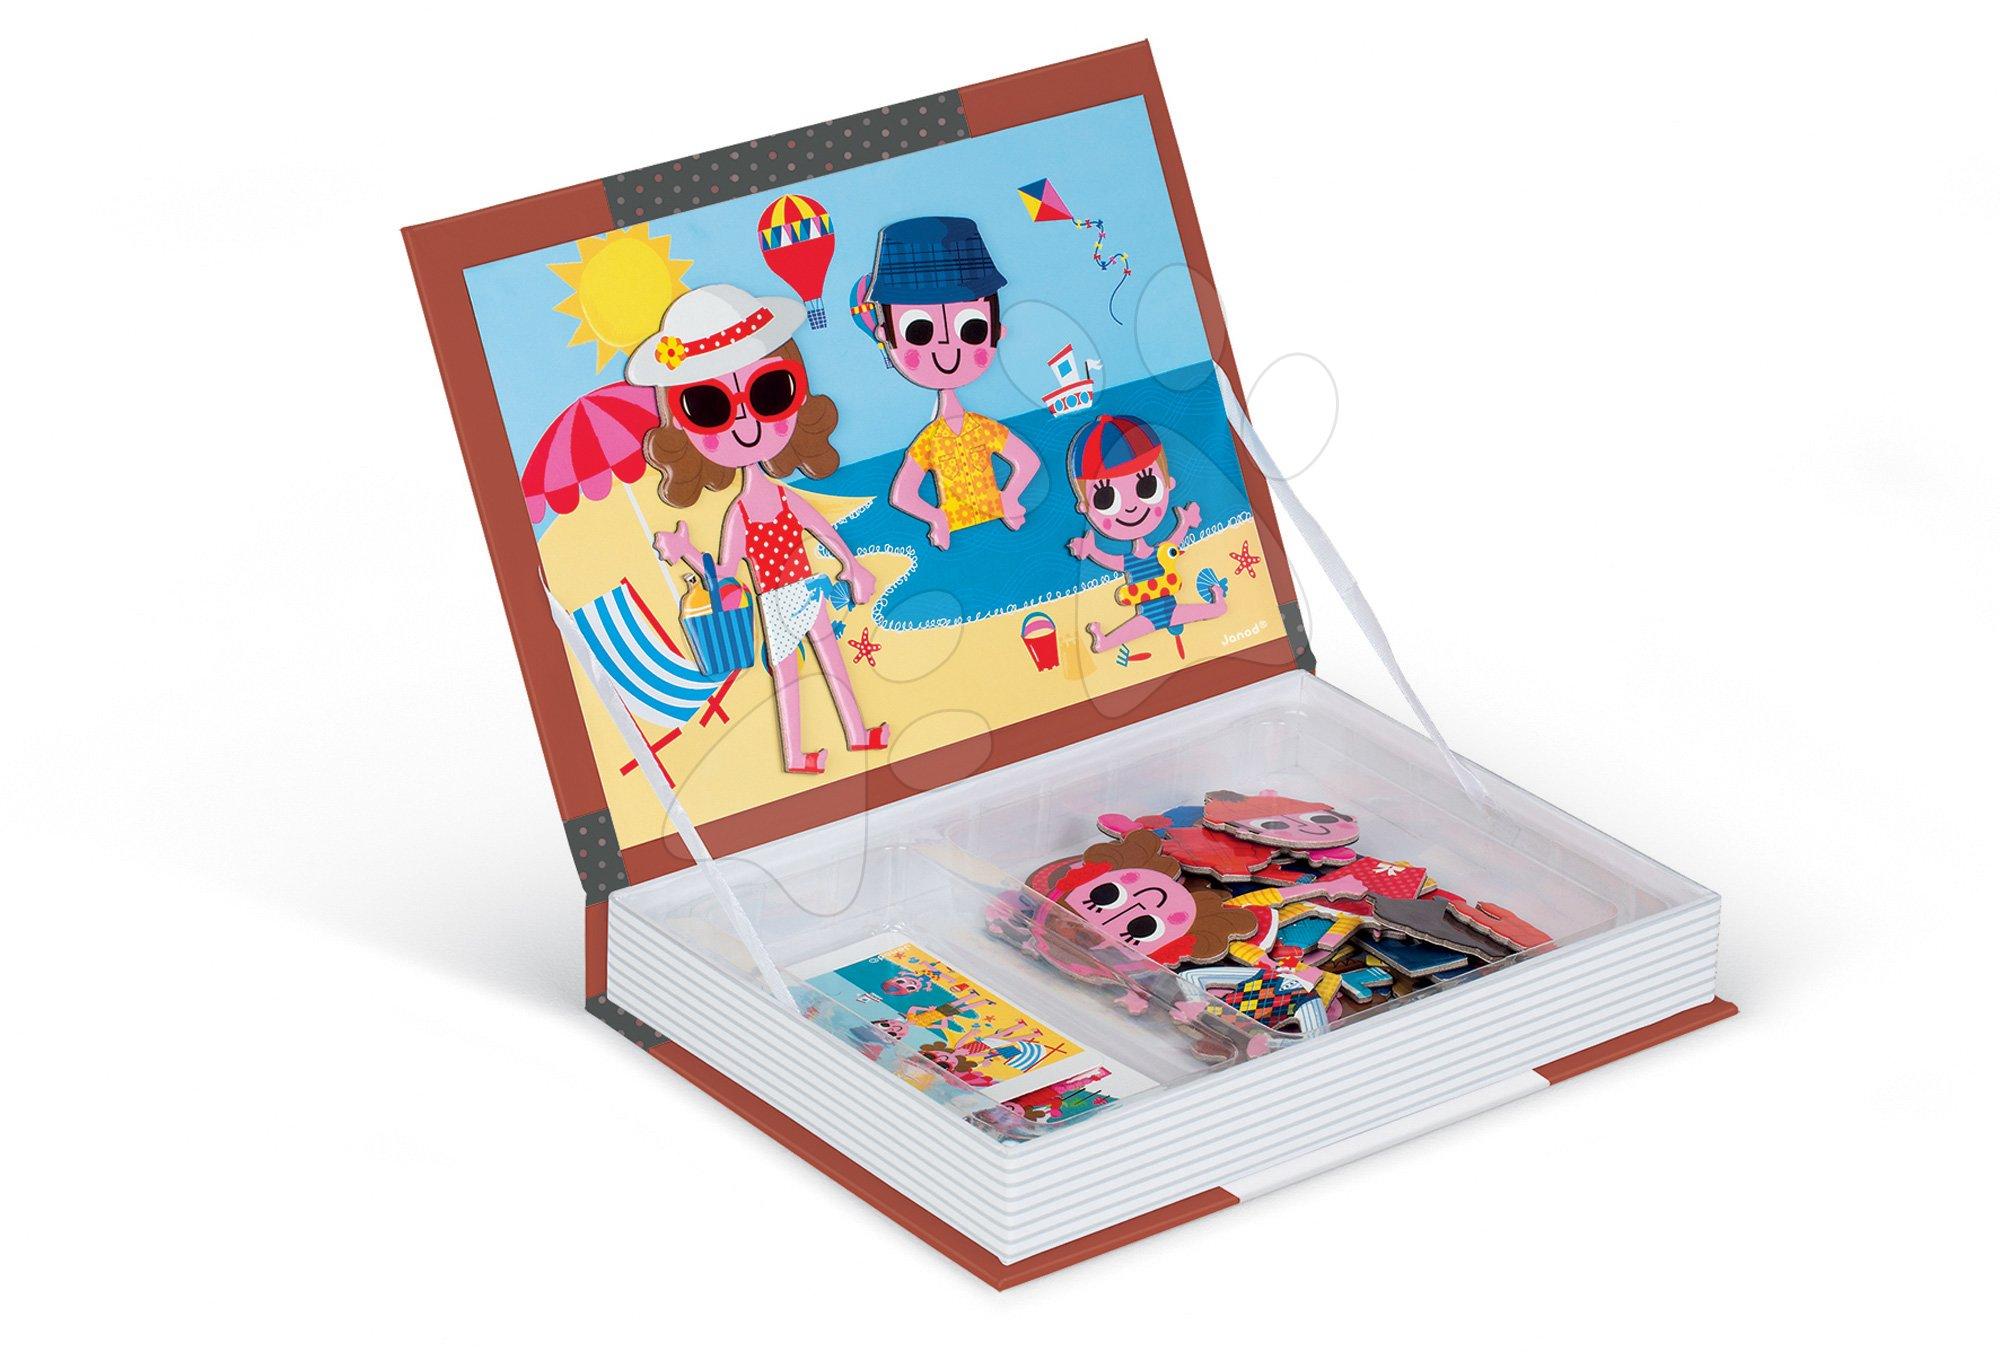 magneticka hracka pre jednorocne deti